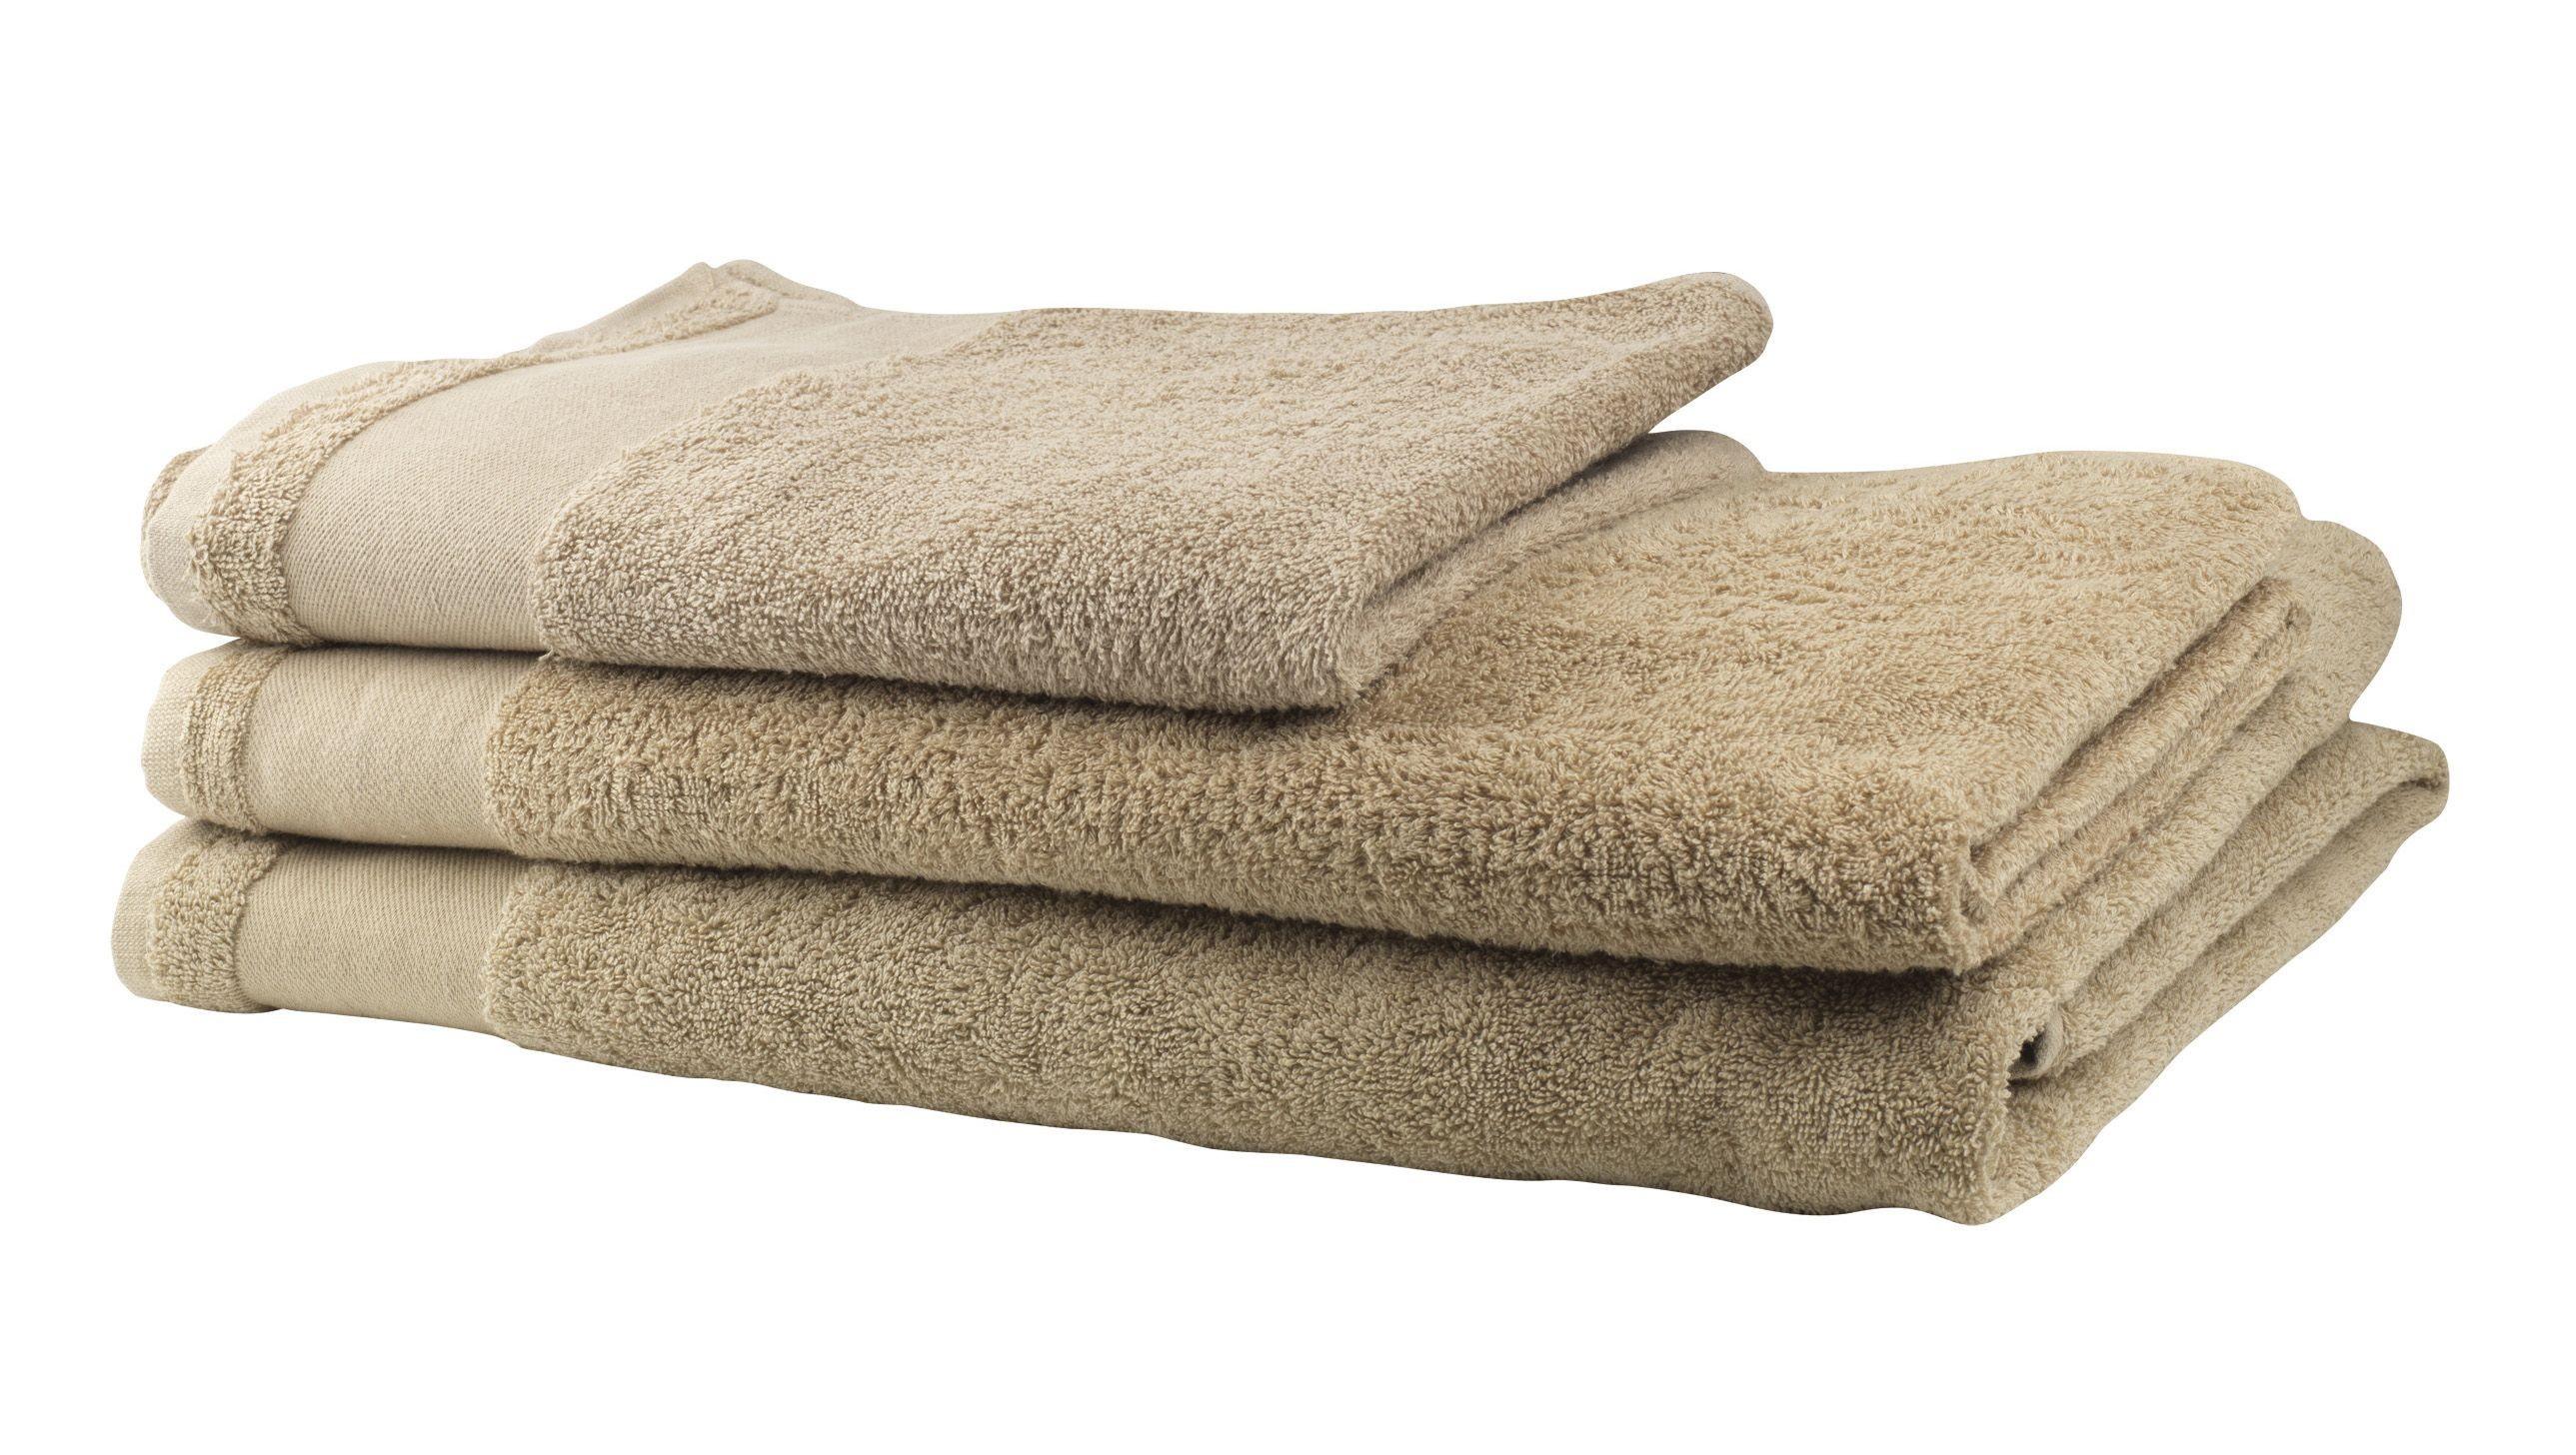 cadeaux d 39 entreprise textile objet publicitaire. Black Bedroom Furniture Sets. Home Design Ideas